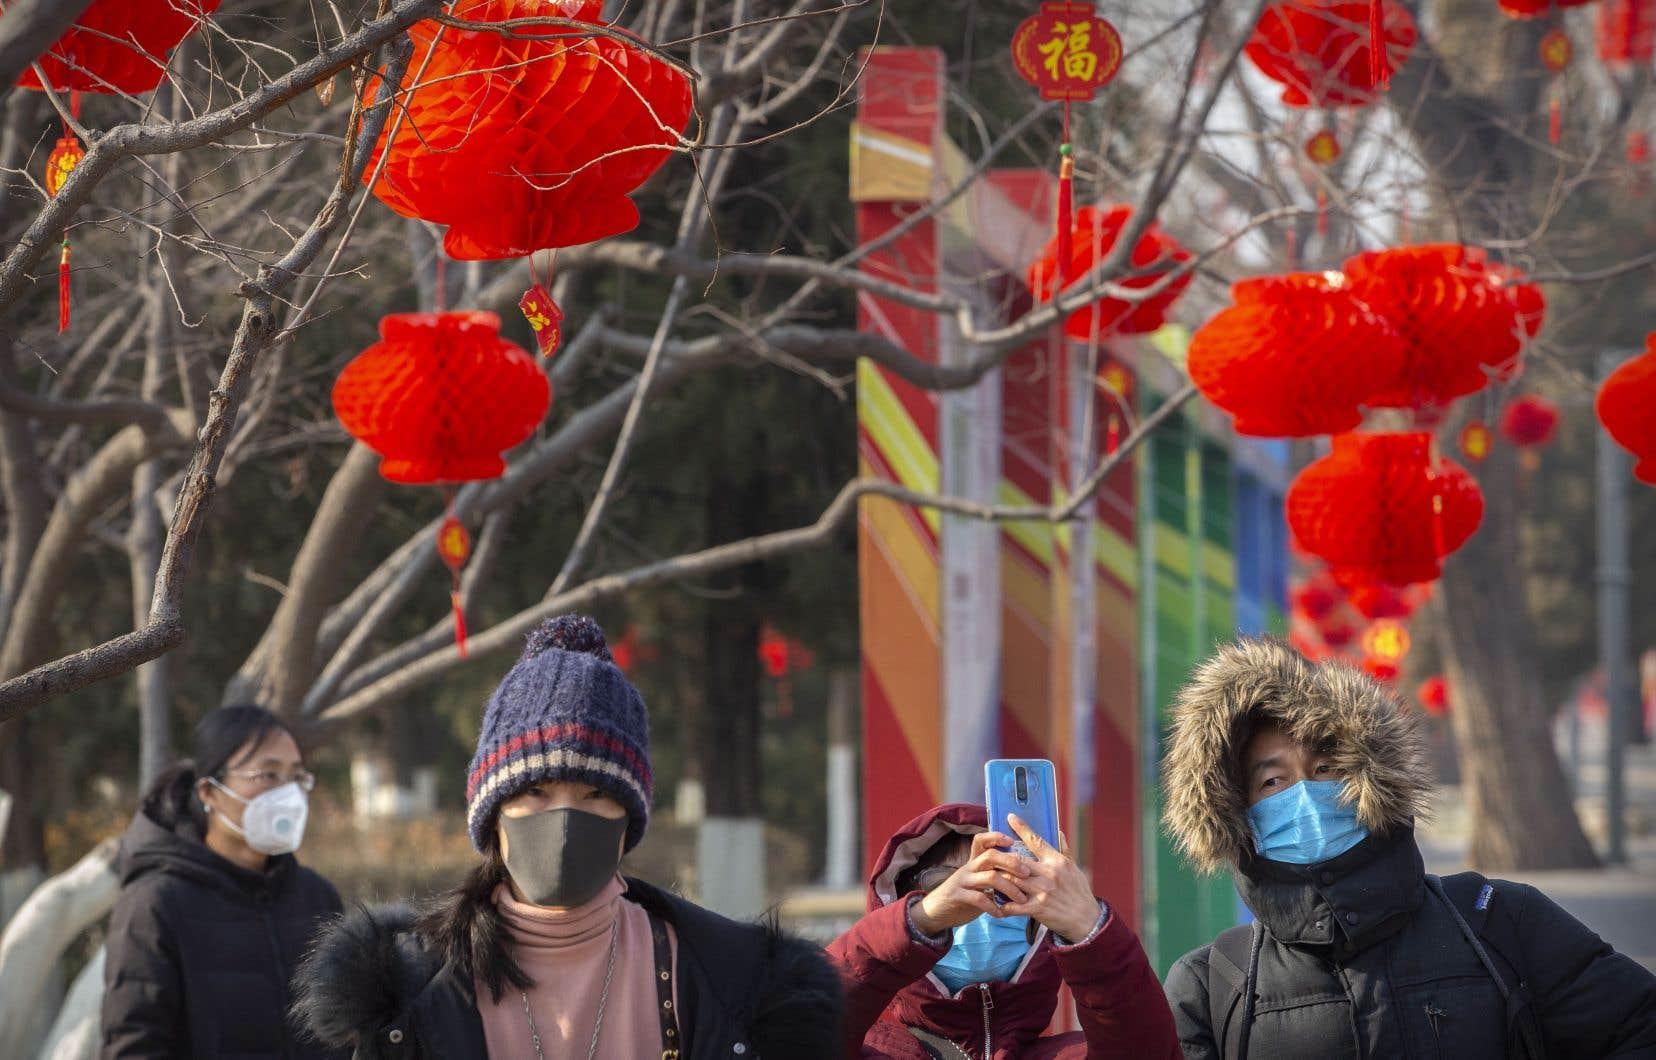 Pour le jour de l'An, les rues de Wuhan sont comme mortes, les rares passants se couvrant le visage avec un masque de protection dont le port est obligatoire.